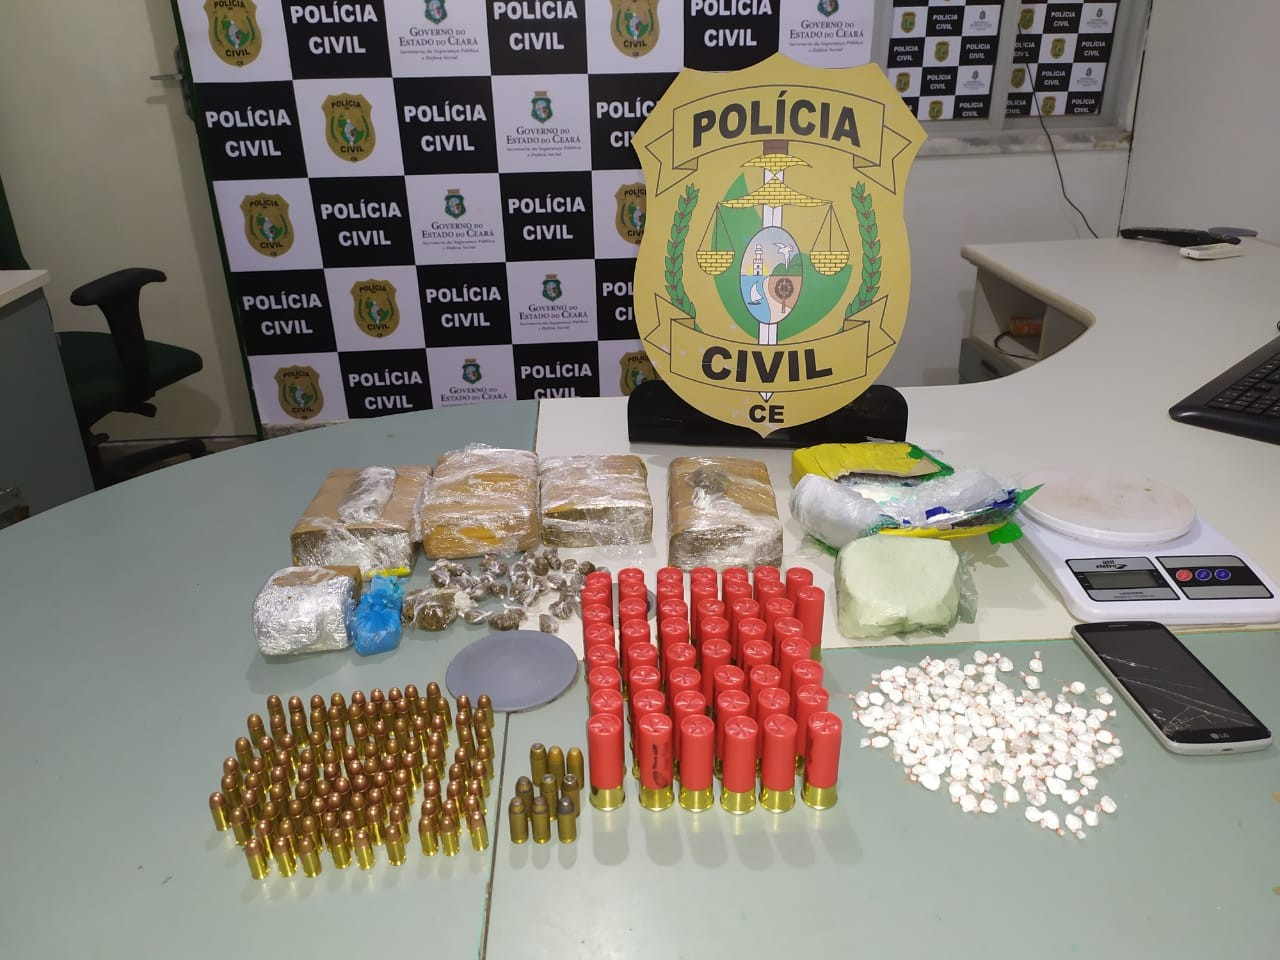 Polícia Civil apreende drogas e mais de 150 munições em residência no Jangurussu, em Fortaleza